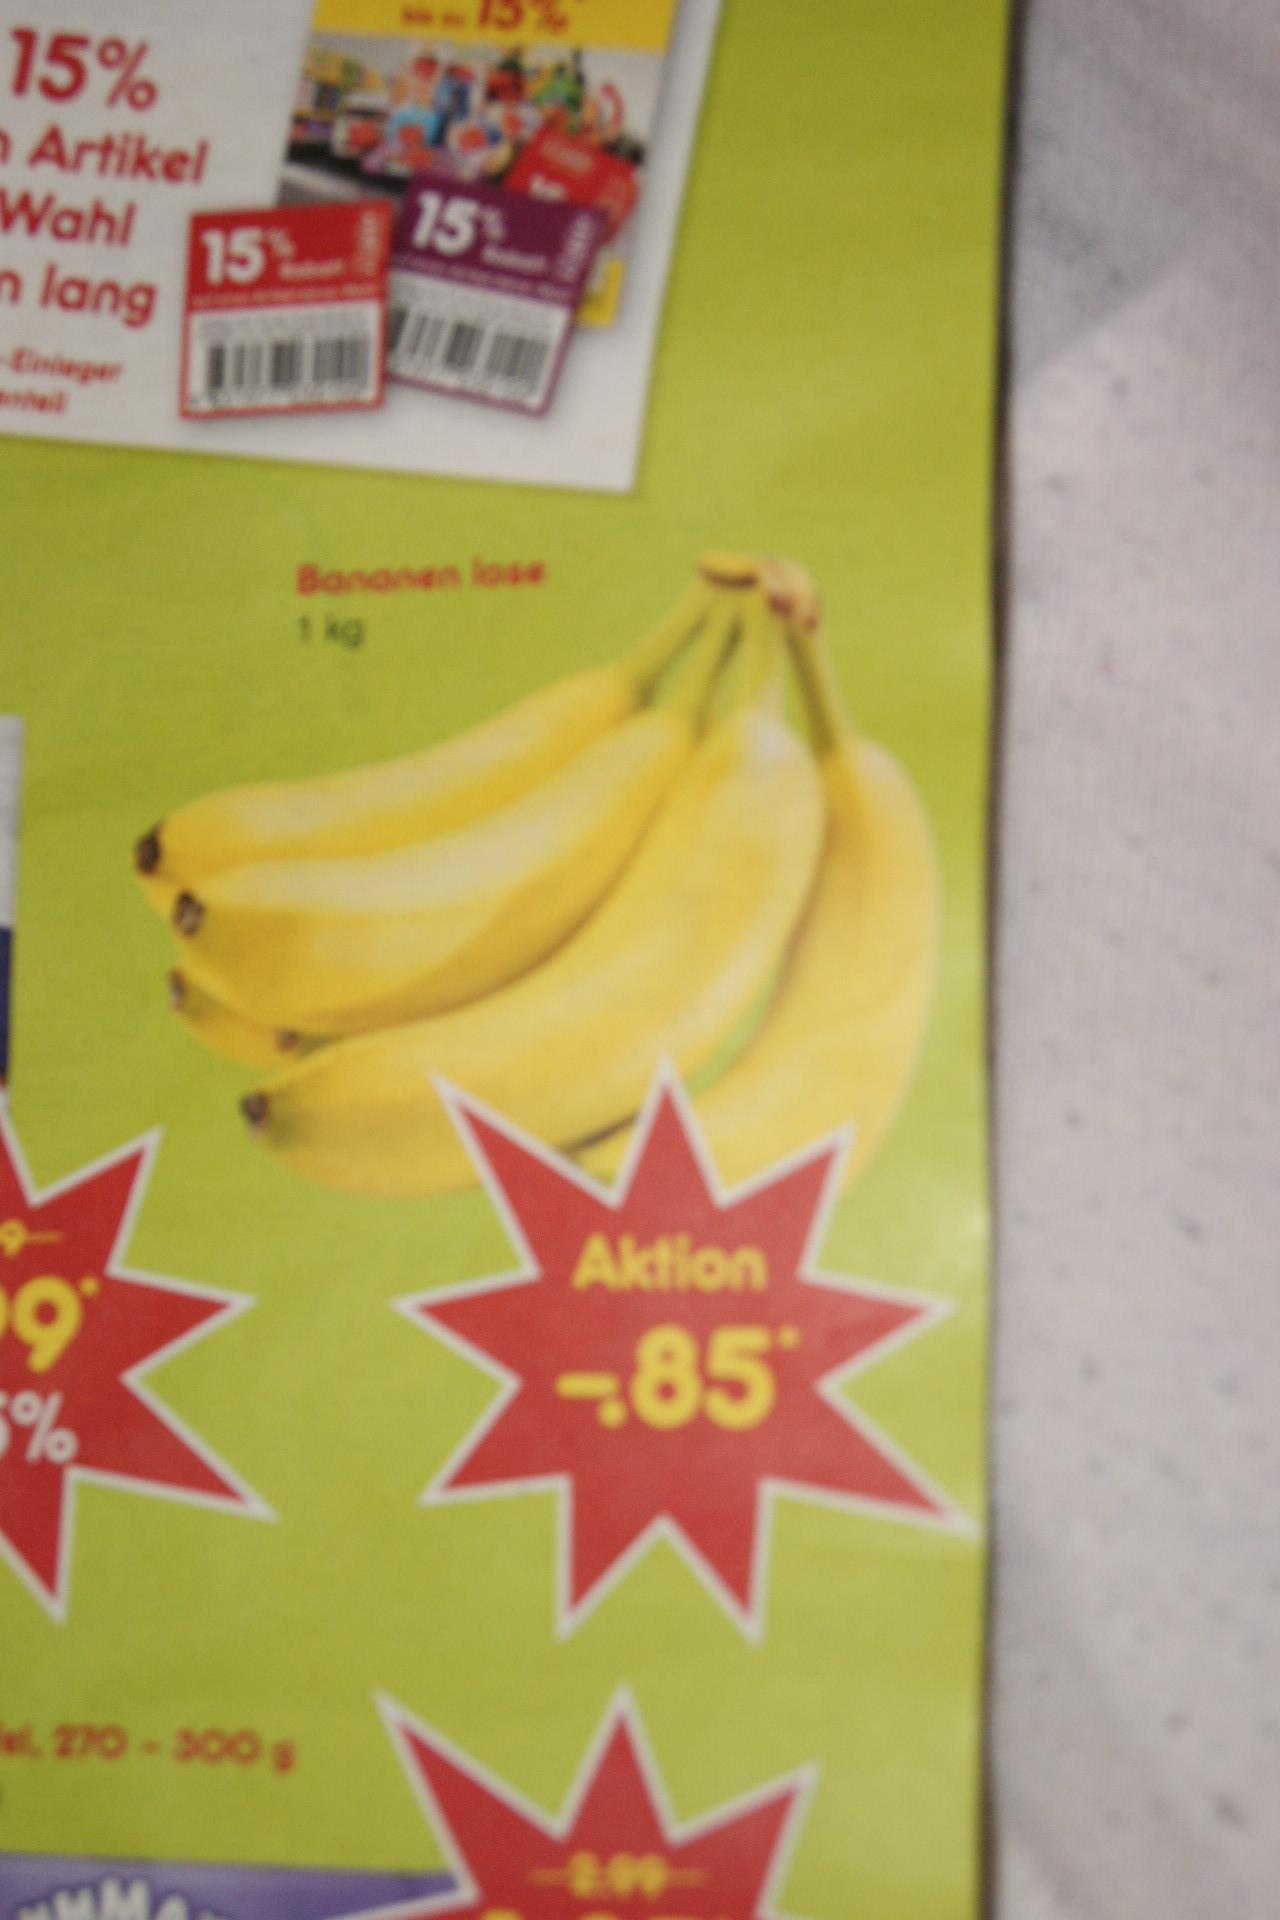 Bananen nur 85 Cent je kg bei netto (ohne Hund) ab 24.6. bundesweit